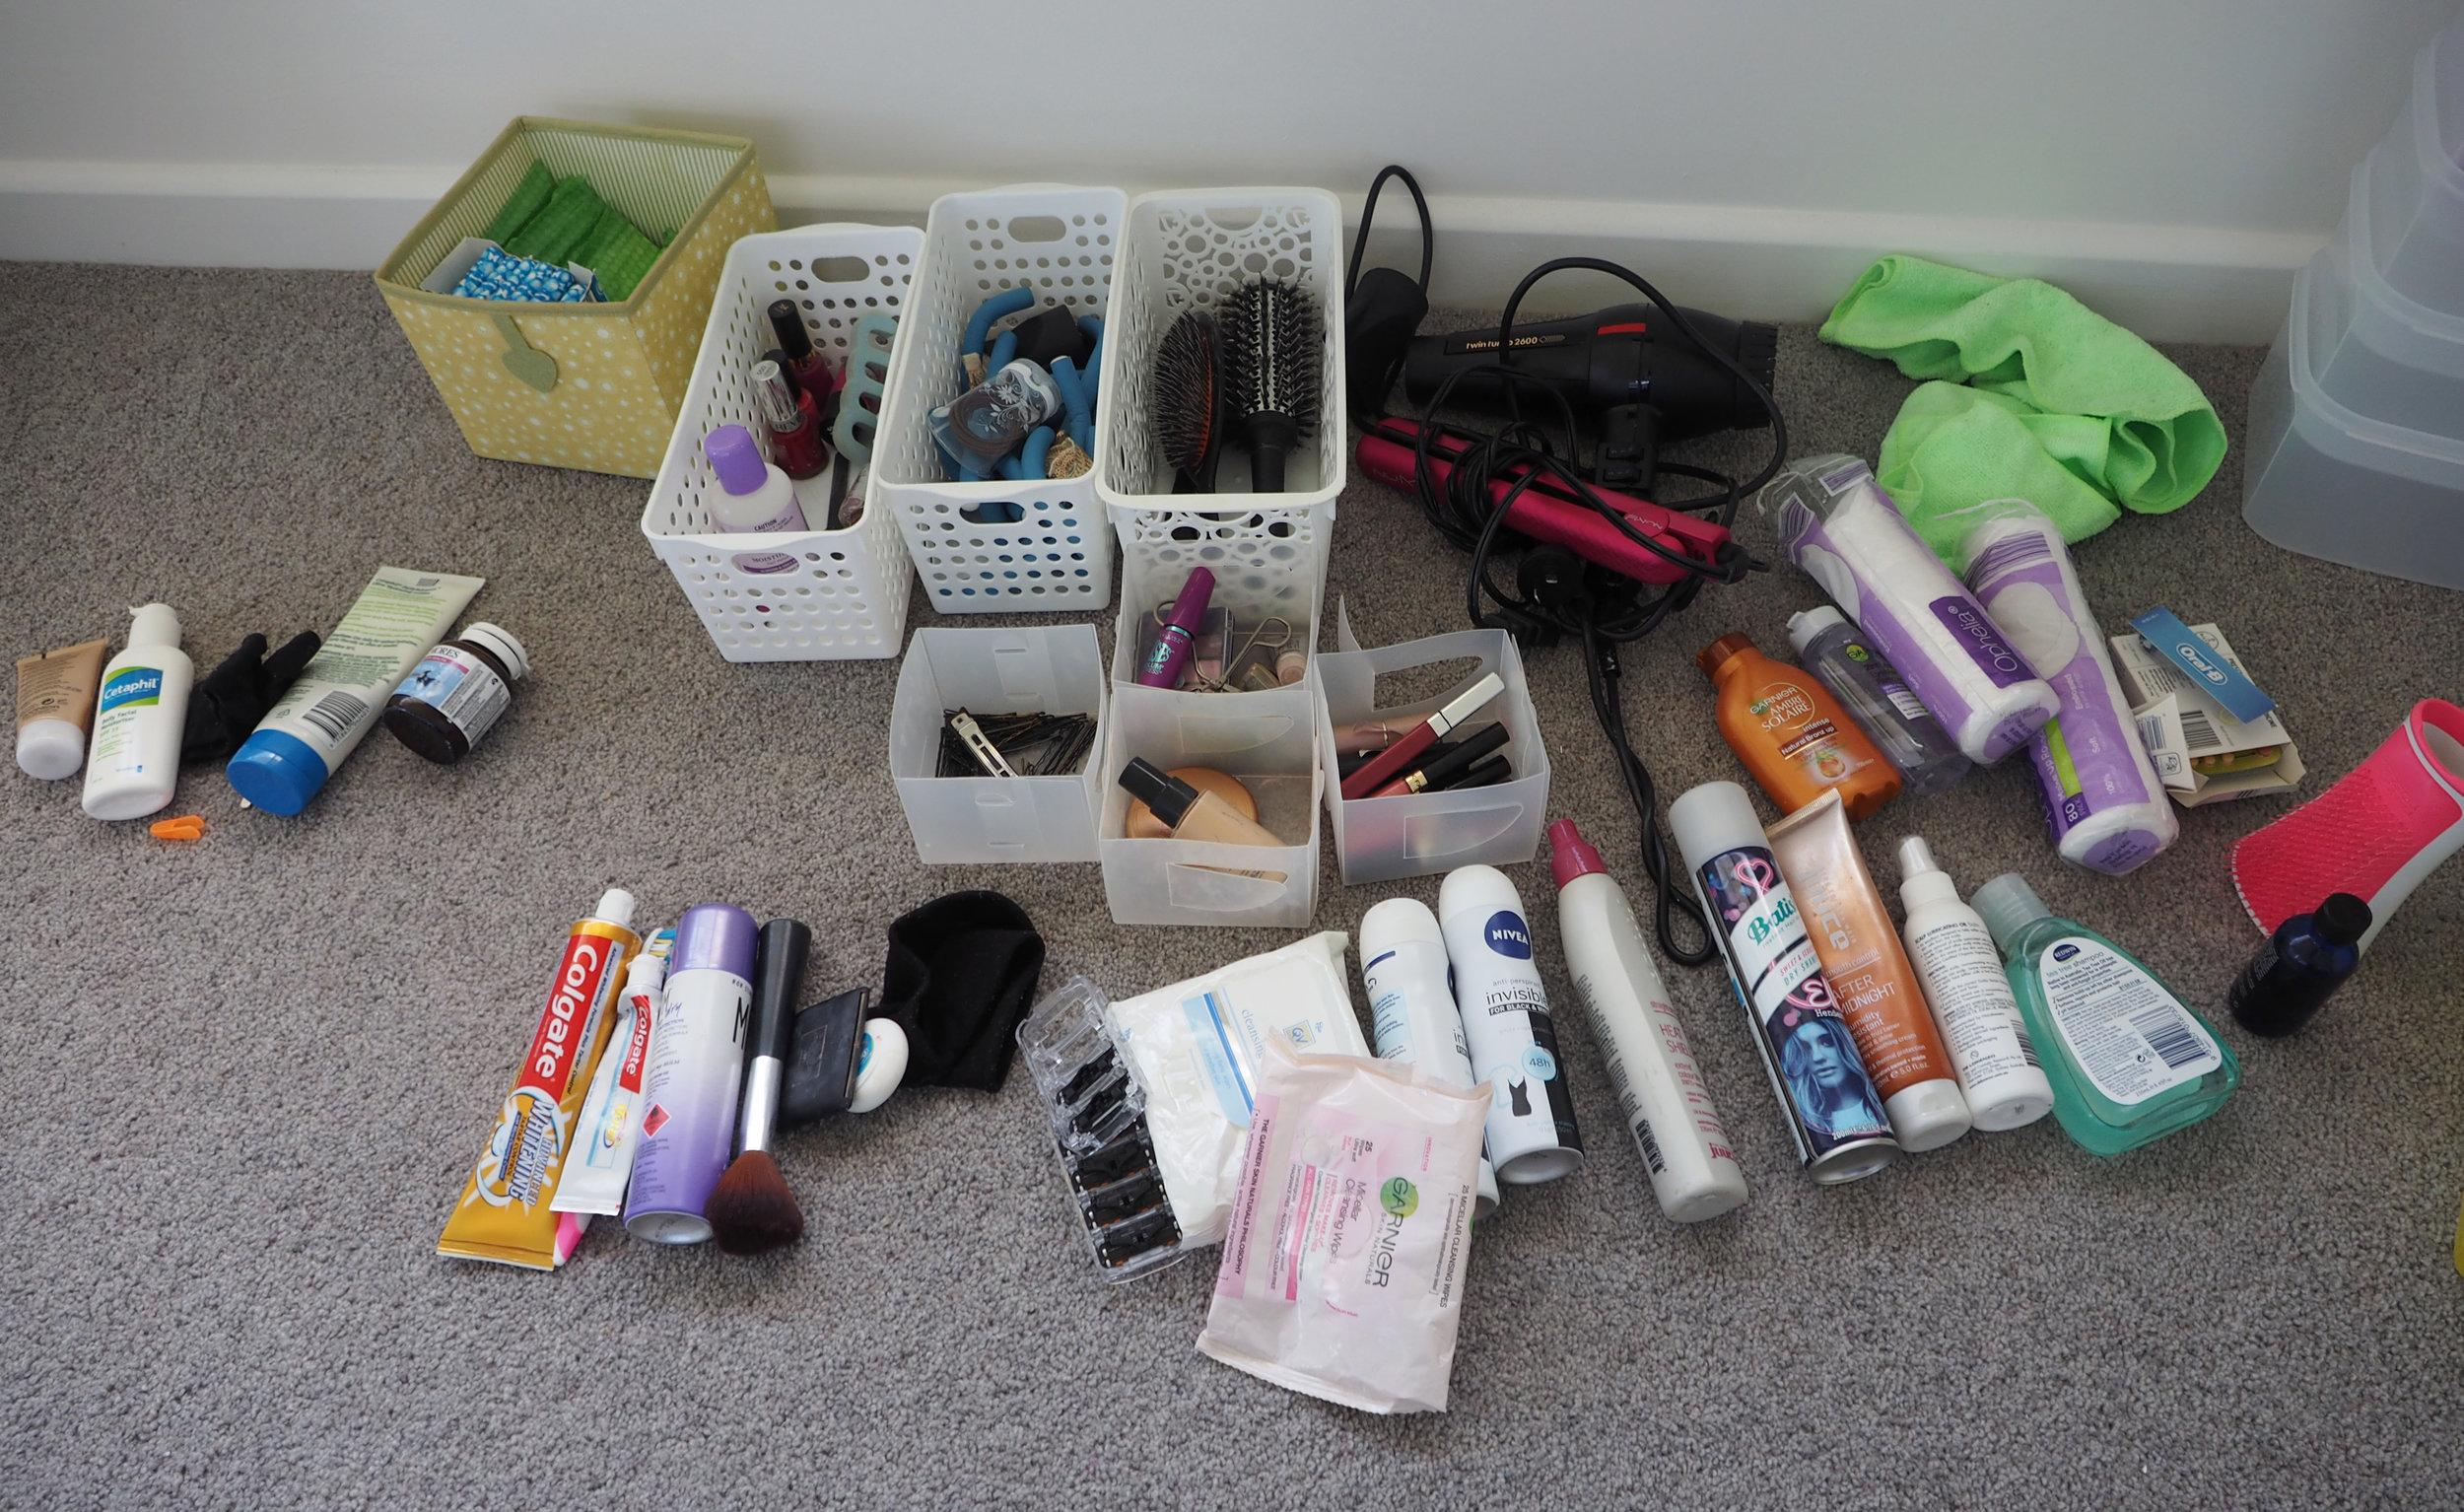 Organising the bathroom vanity - The Organised You